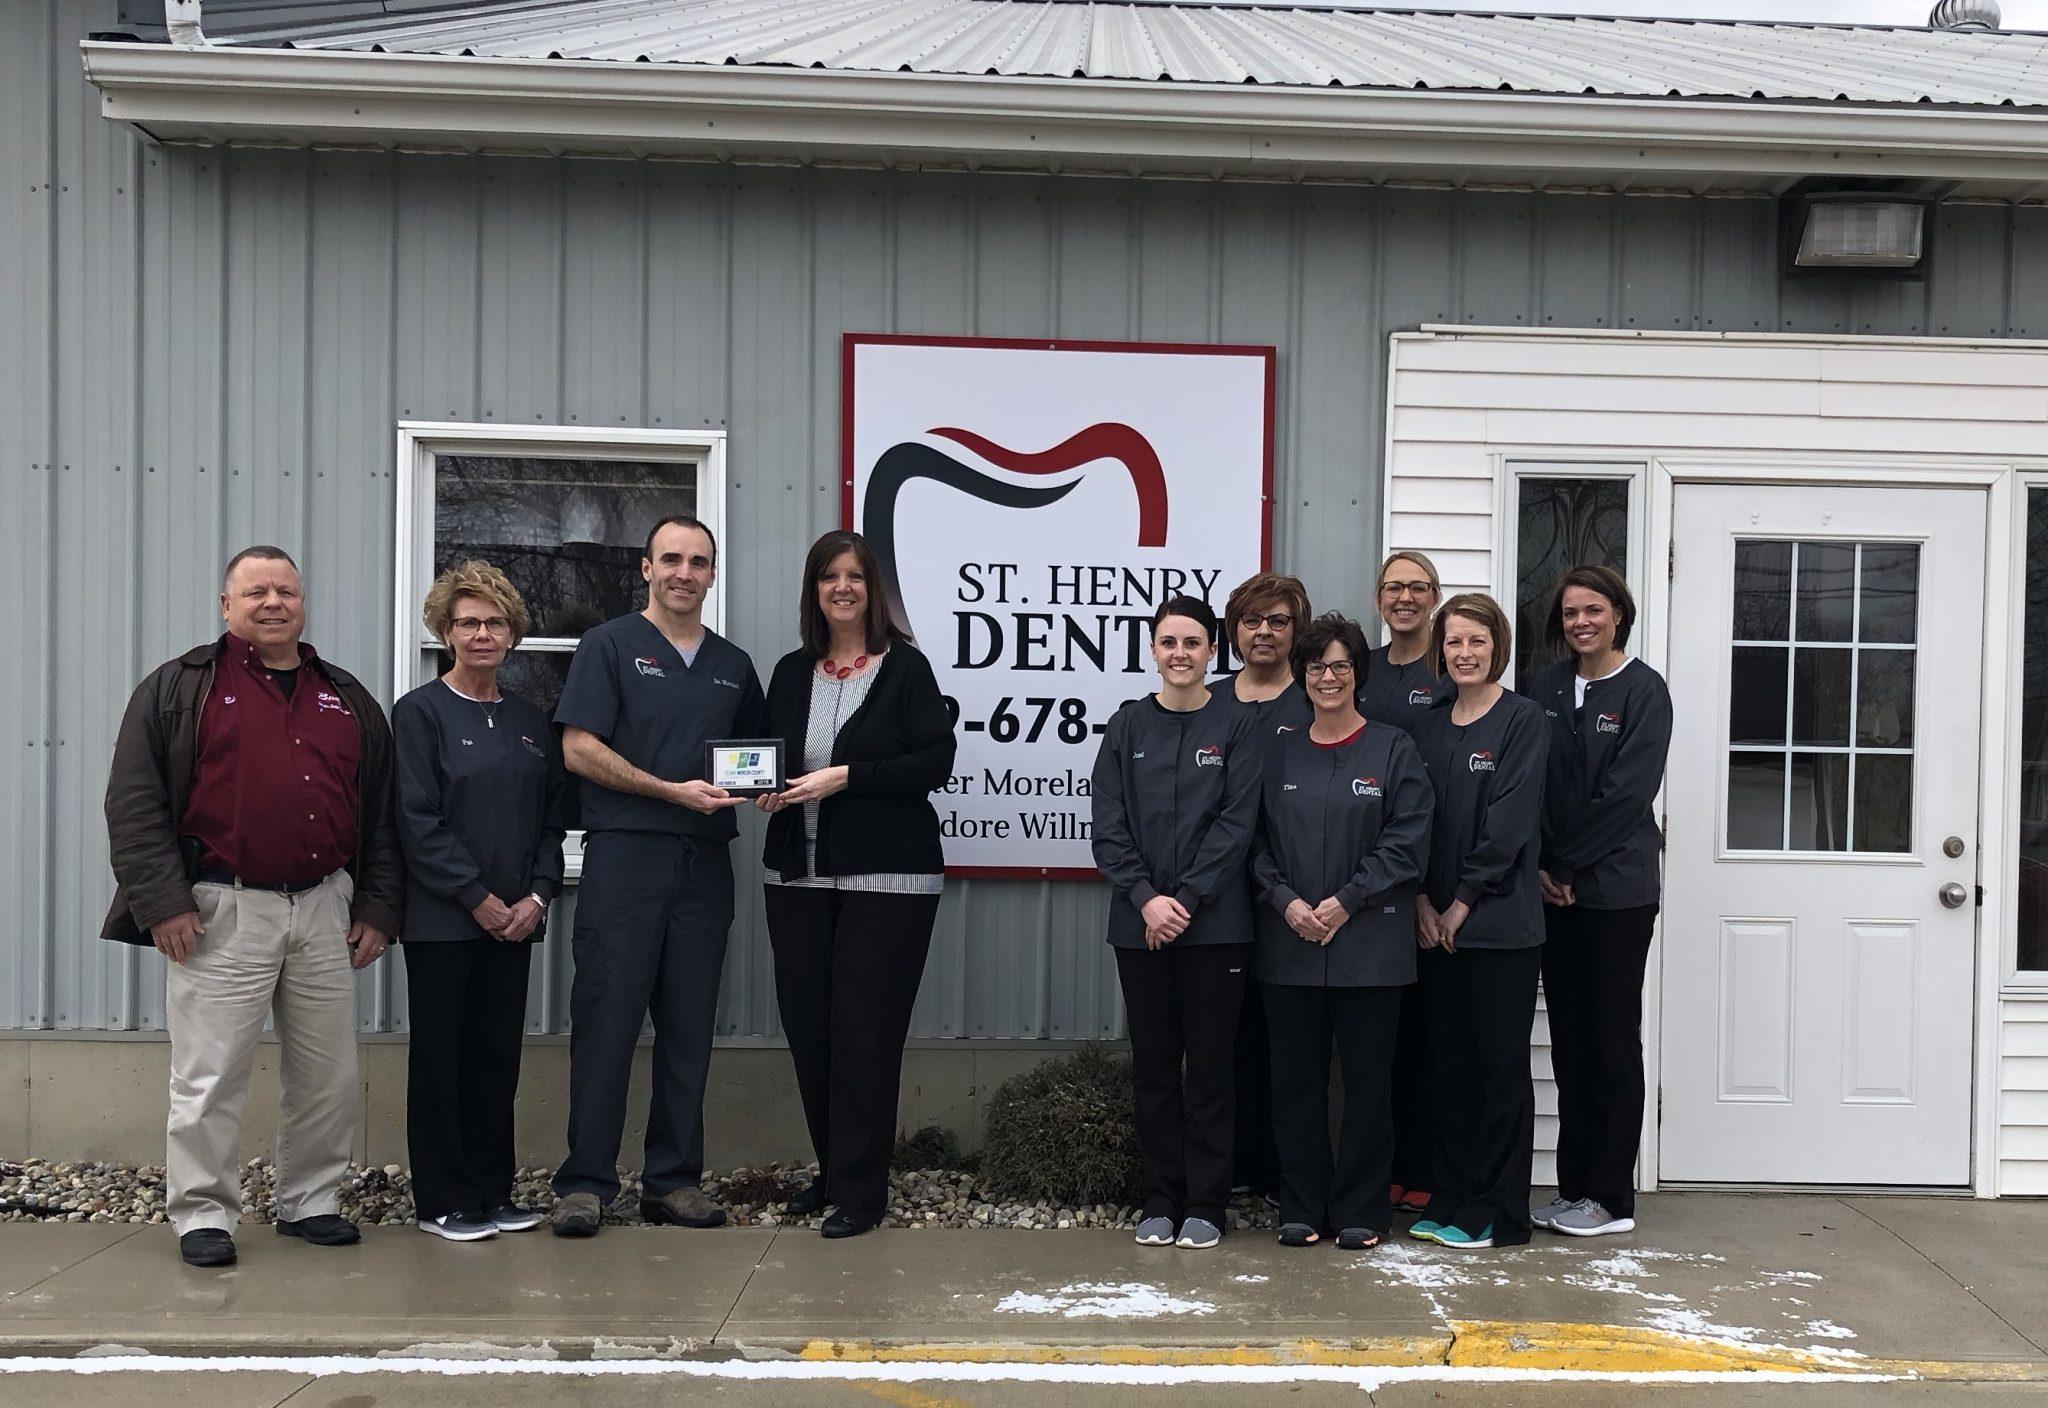 St. Henry Dental joins Chamber